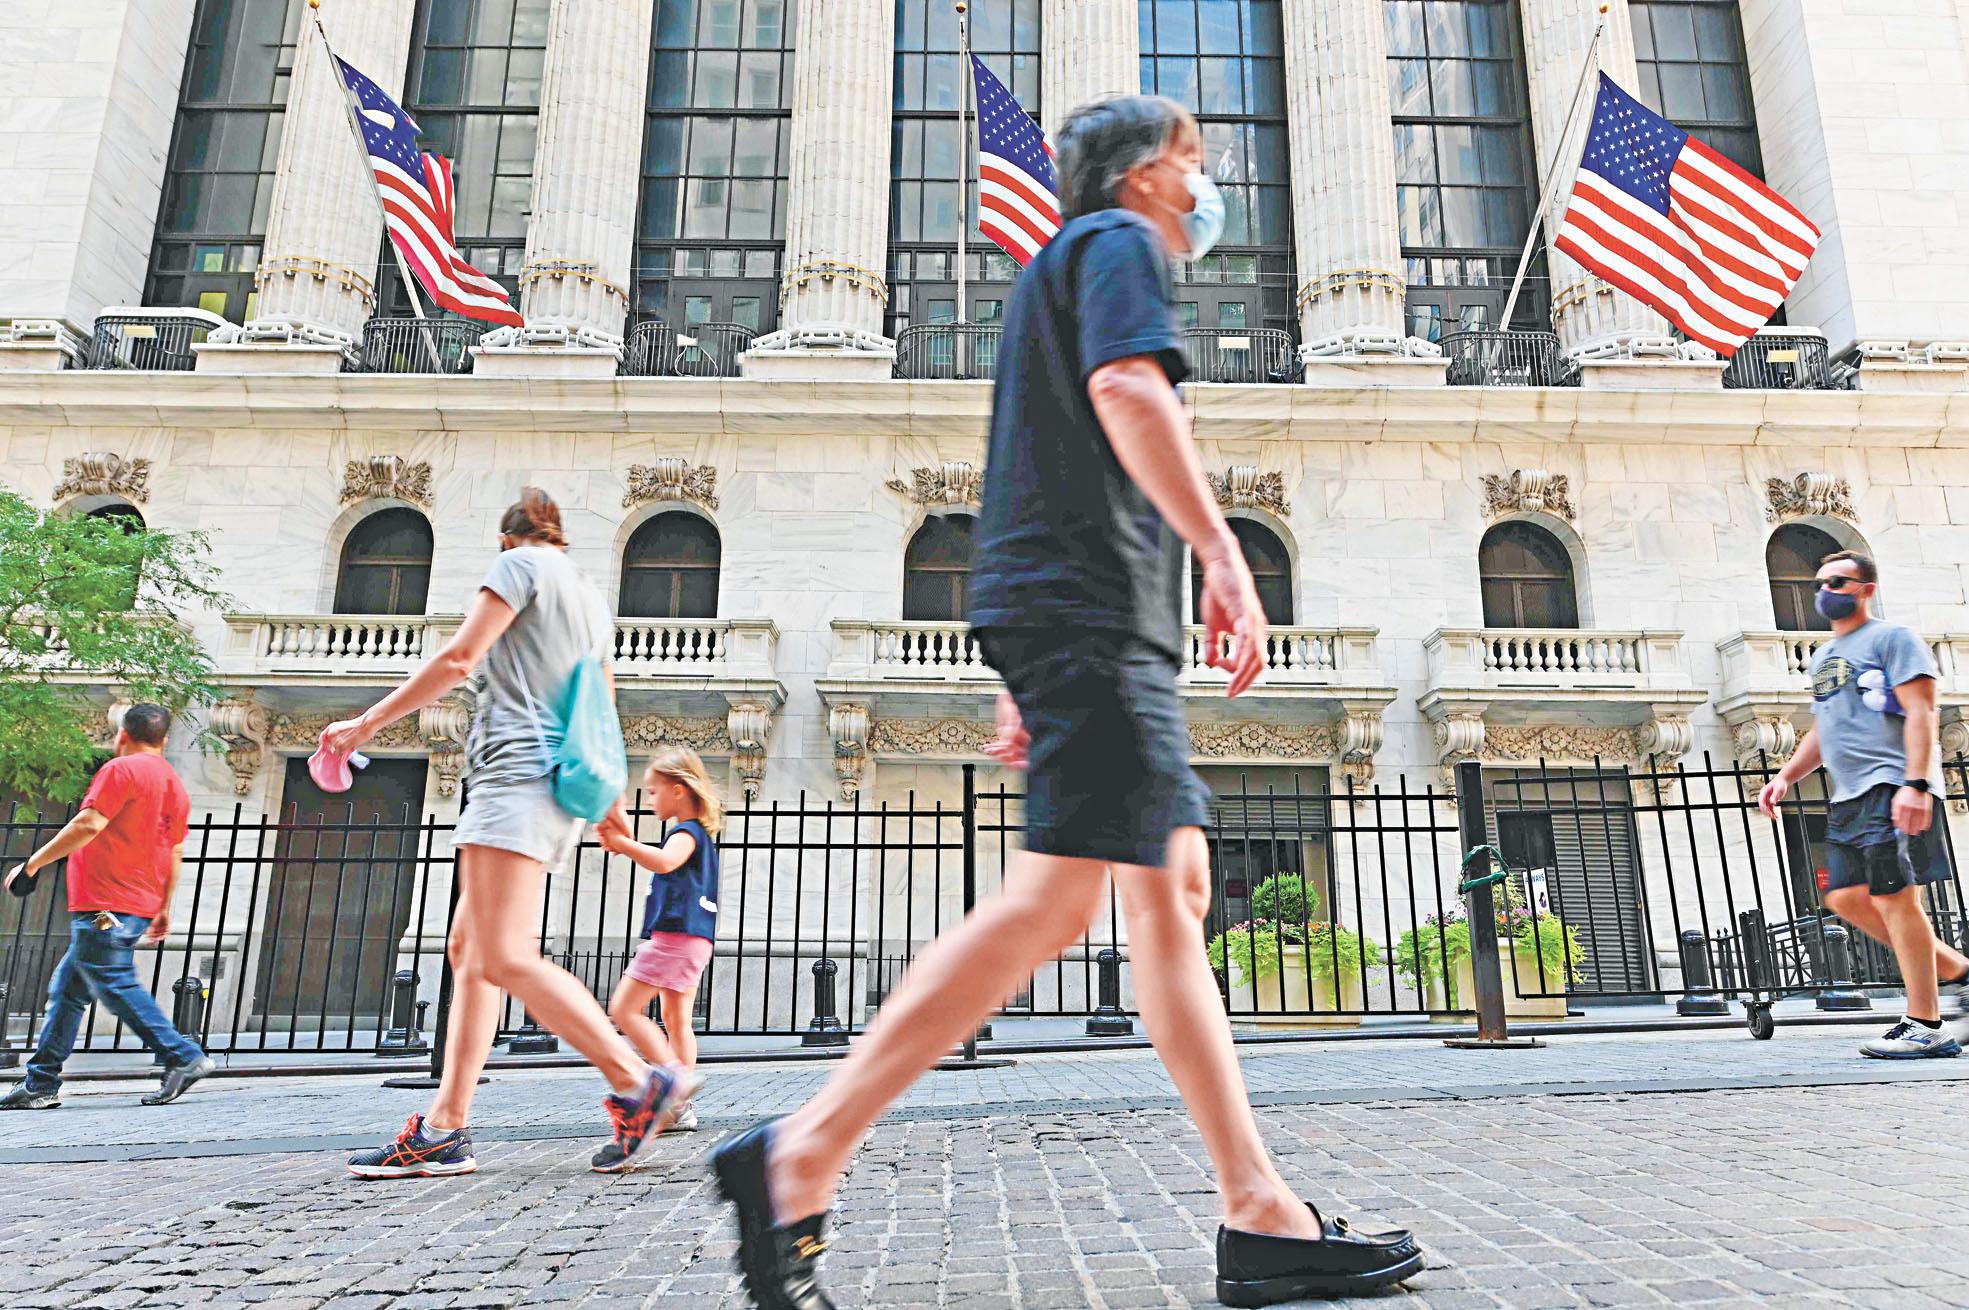 美國財政部及SEC官員向特朗普提出建議,在2022年1月前,將在紐約證券交易所和納斯達克上市但不符合美國法律審計要求的中國企業全部摘牌。圖為人們經過紐約證券交易所。法新社